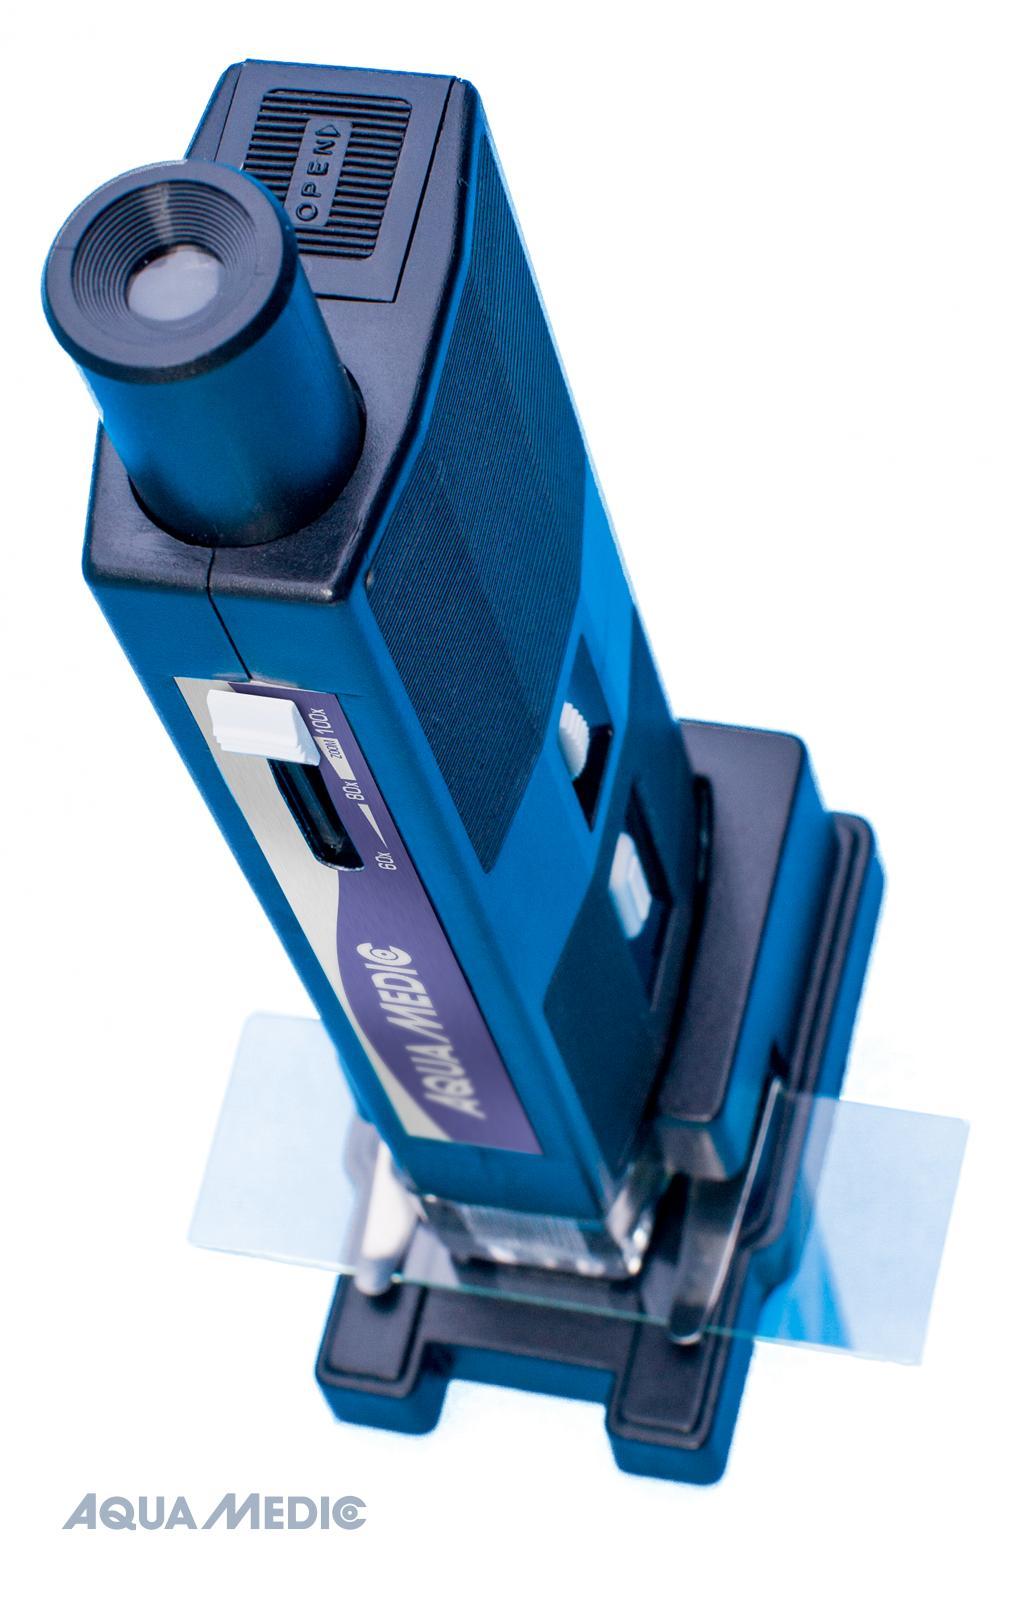 Taschenmikroskop mit Beleuchtung - Aqua Medic